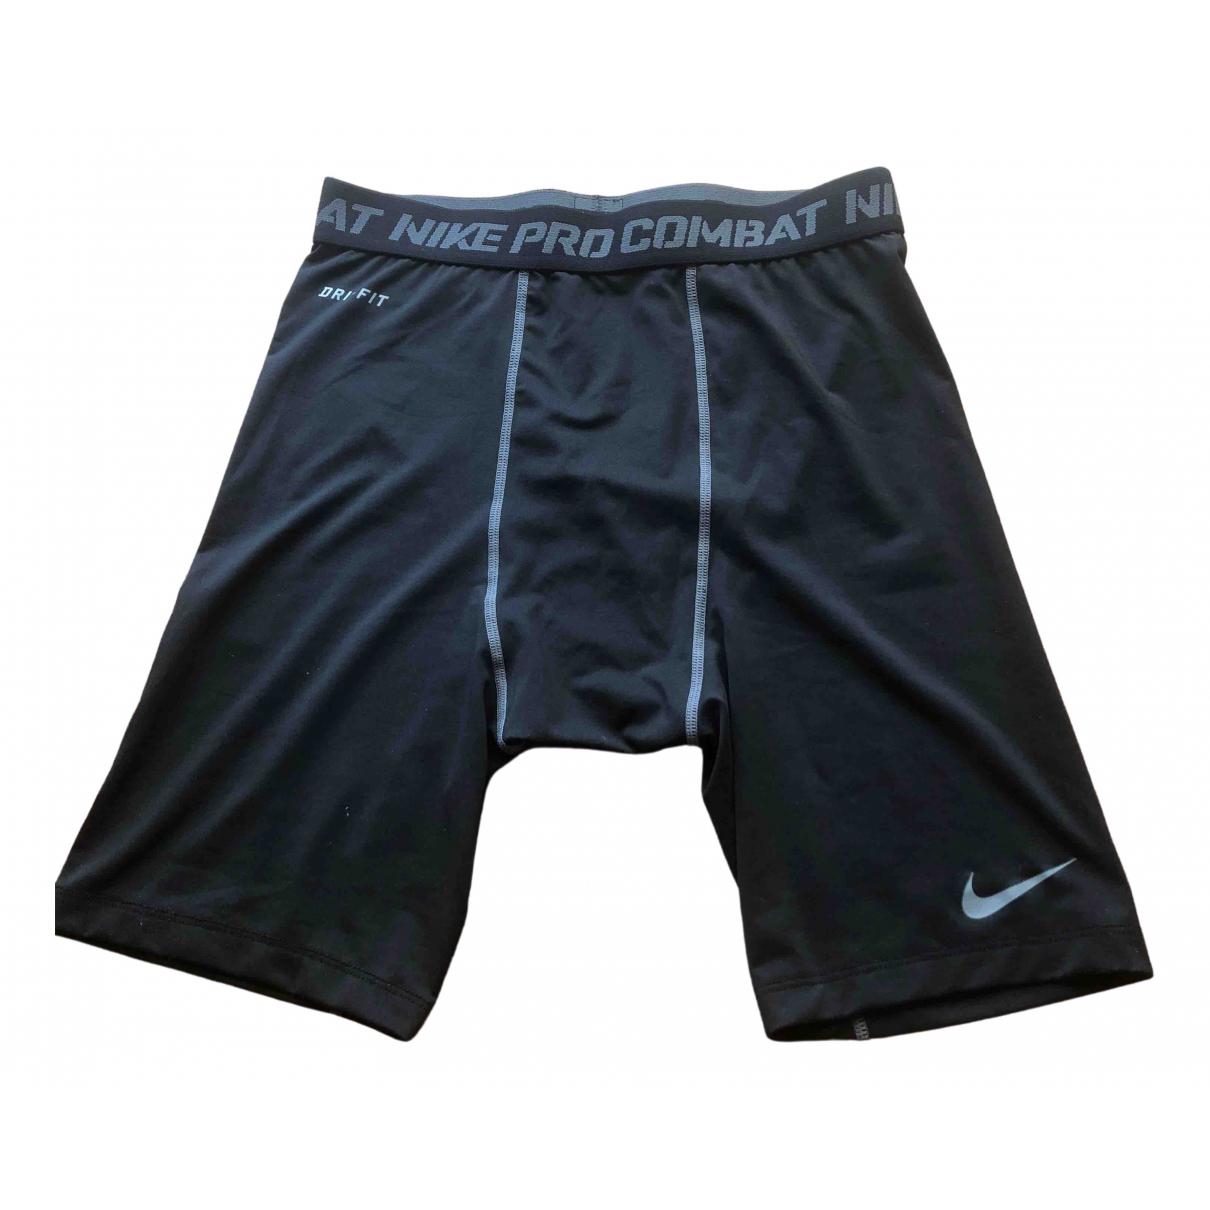 Nike - Short   pour homme - noir